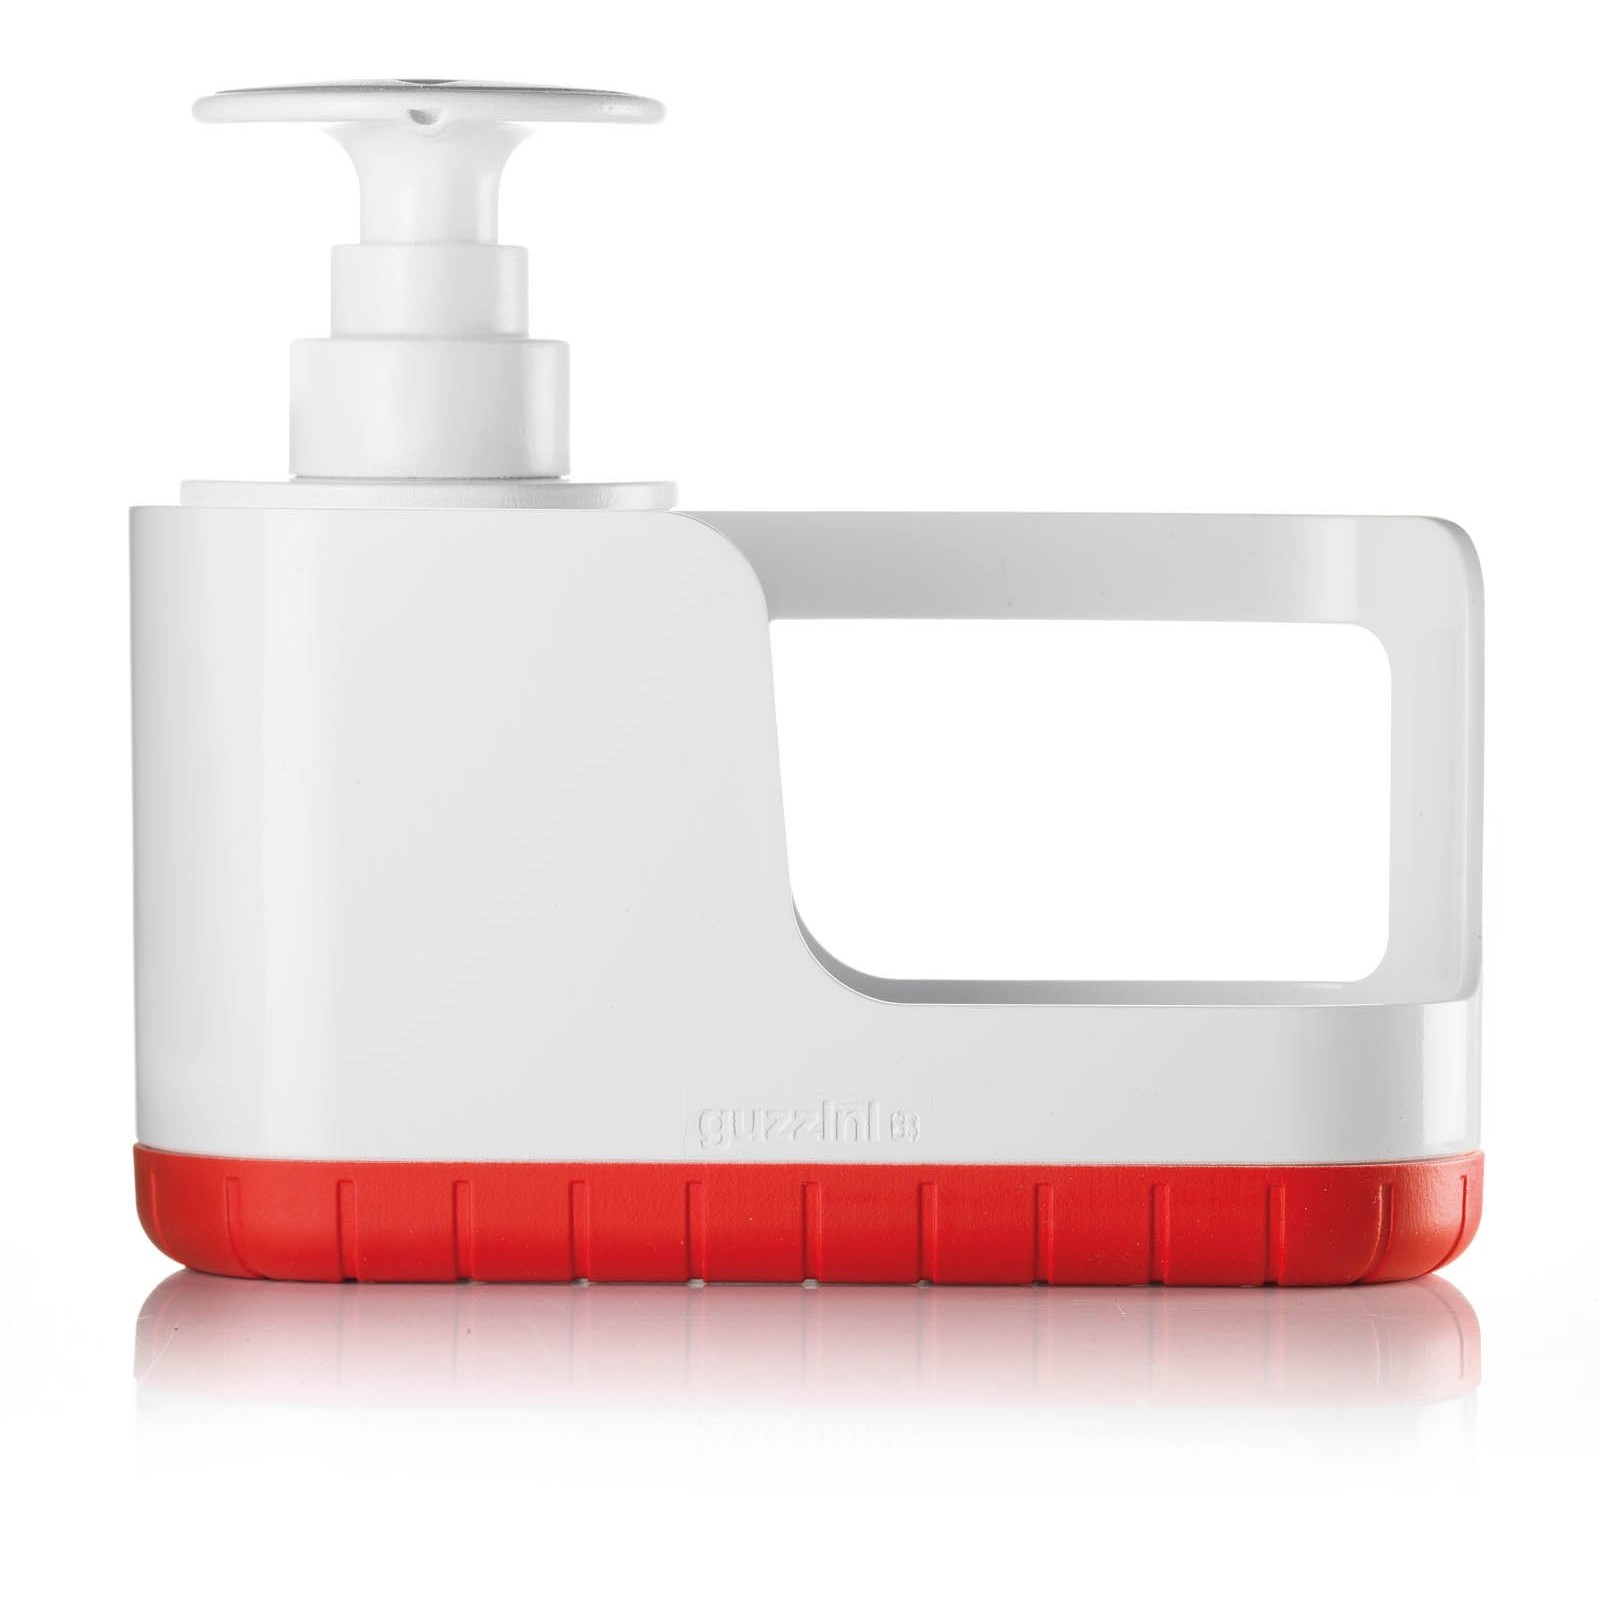 Купить со скидкой Набор для раковины (дозатор для мыла + подставка для губки) MY KITCHEN